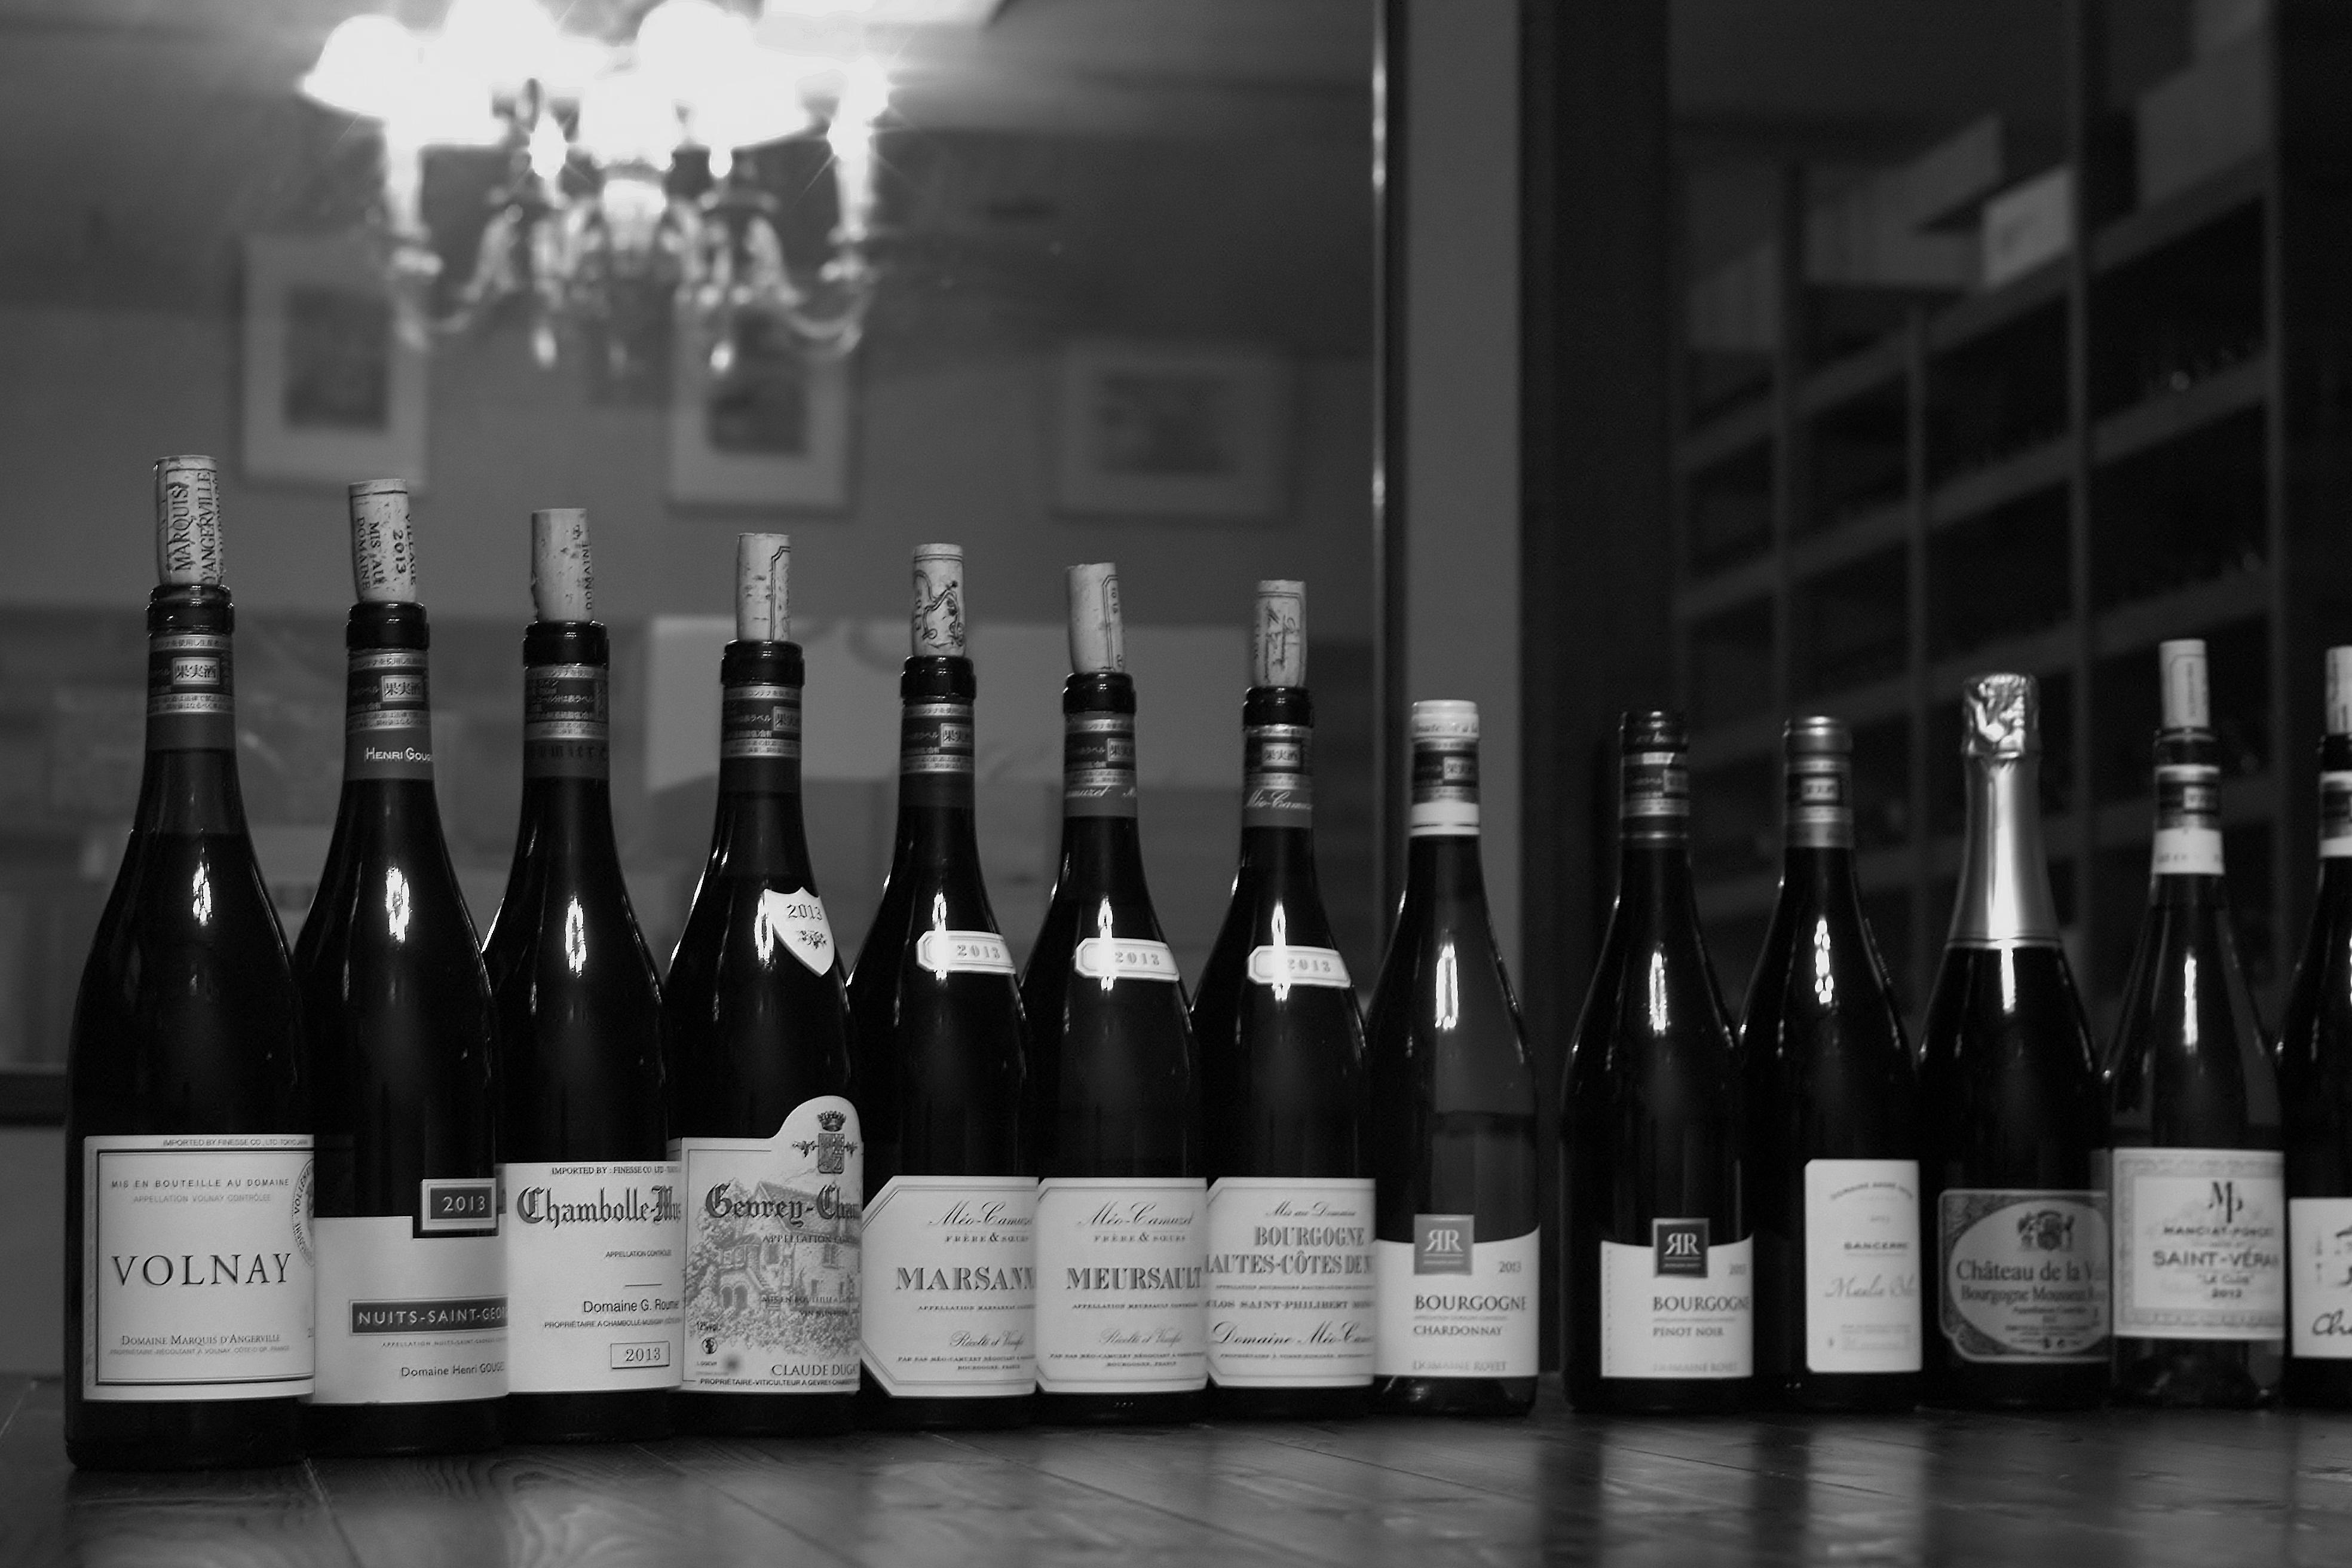 033ワイン試飲販売会(2015年11月27日)